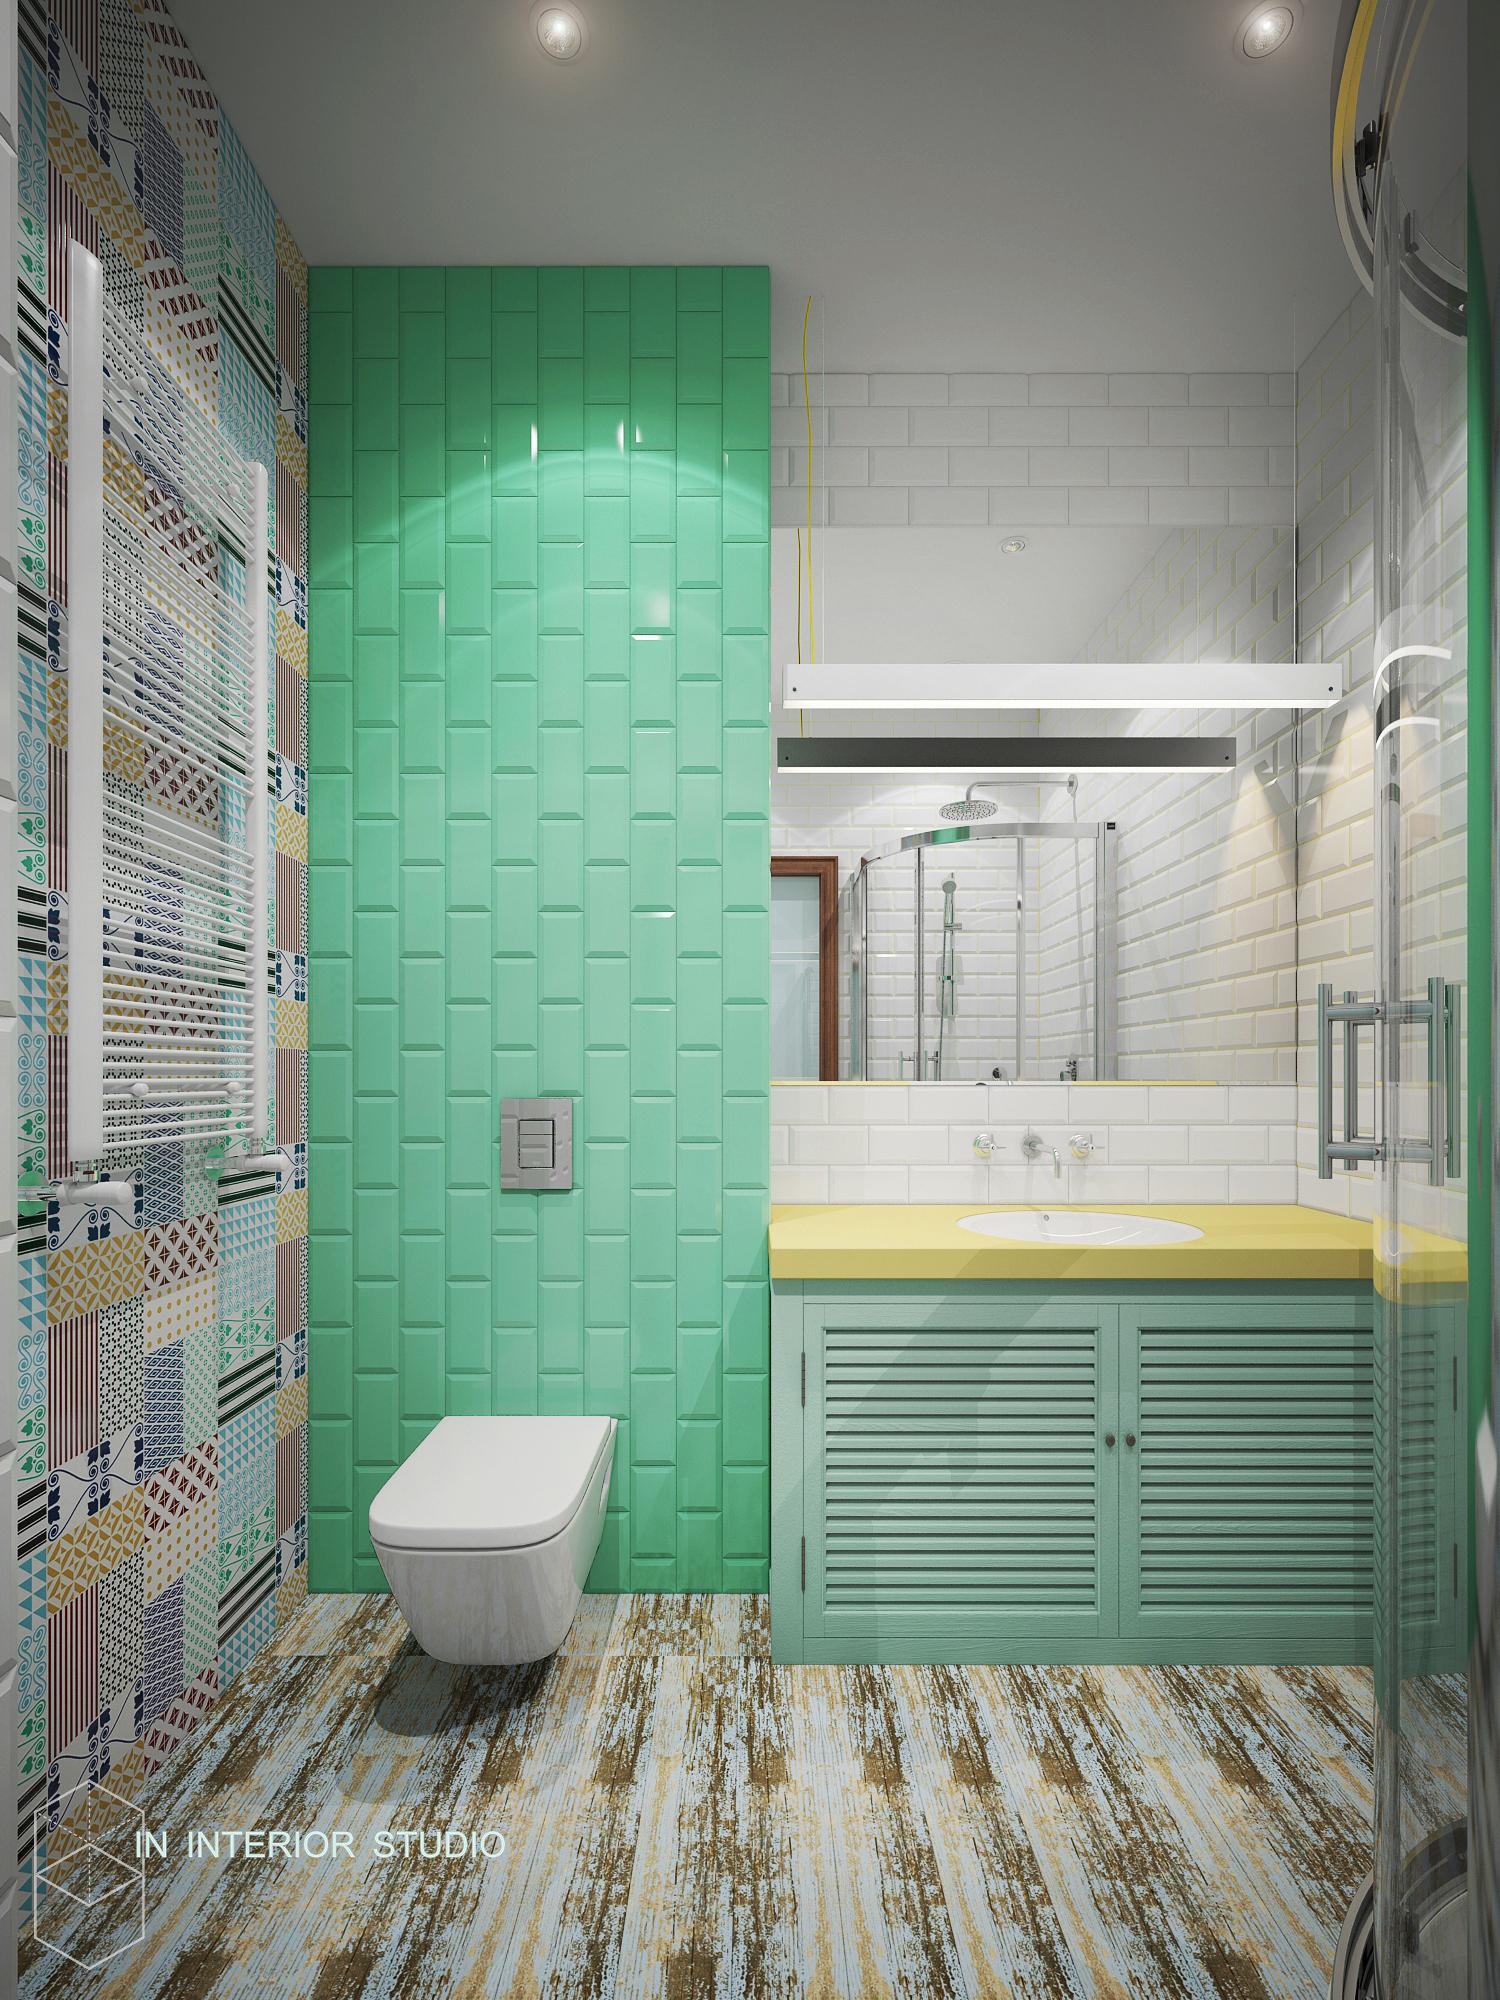 Гостевой санузел, 1 этаж